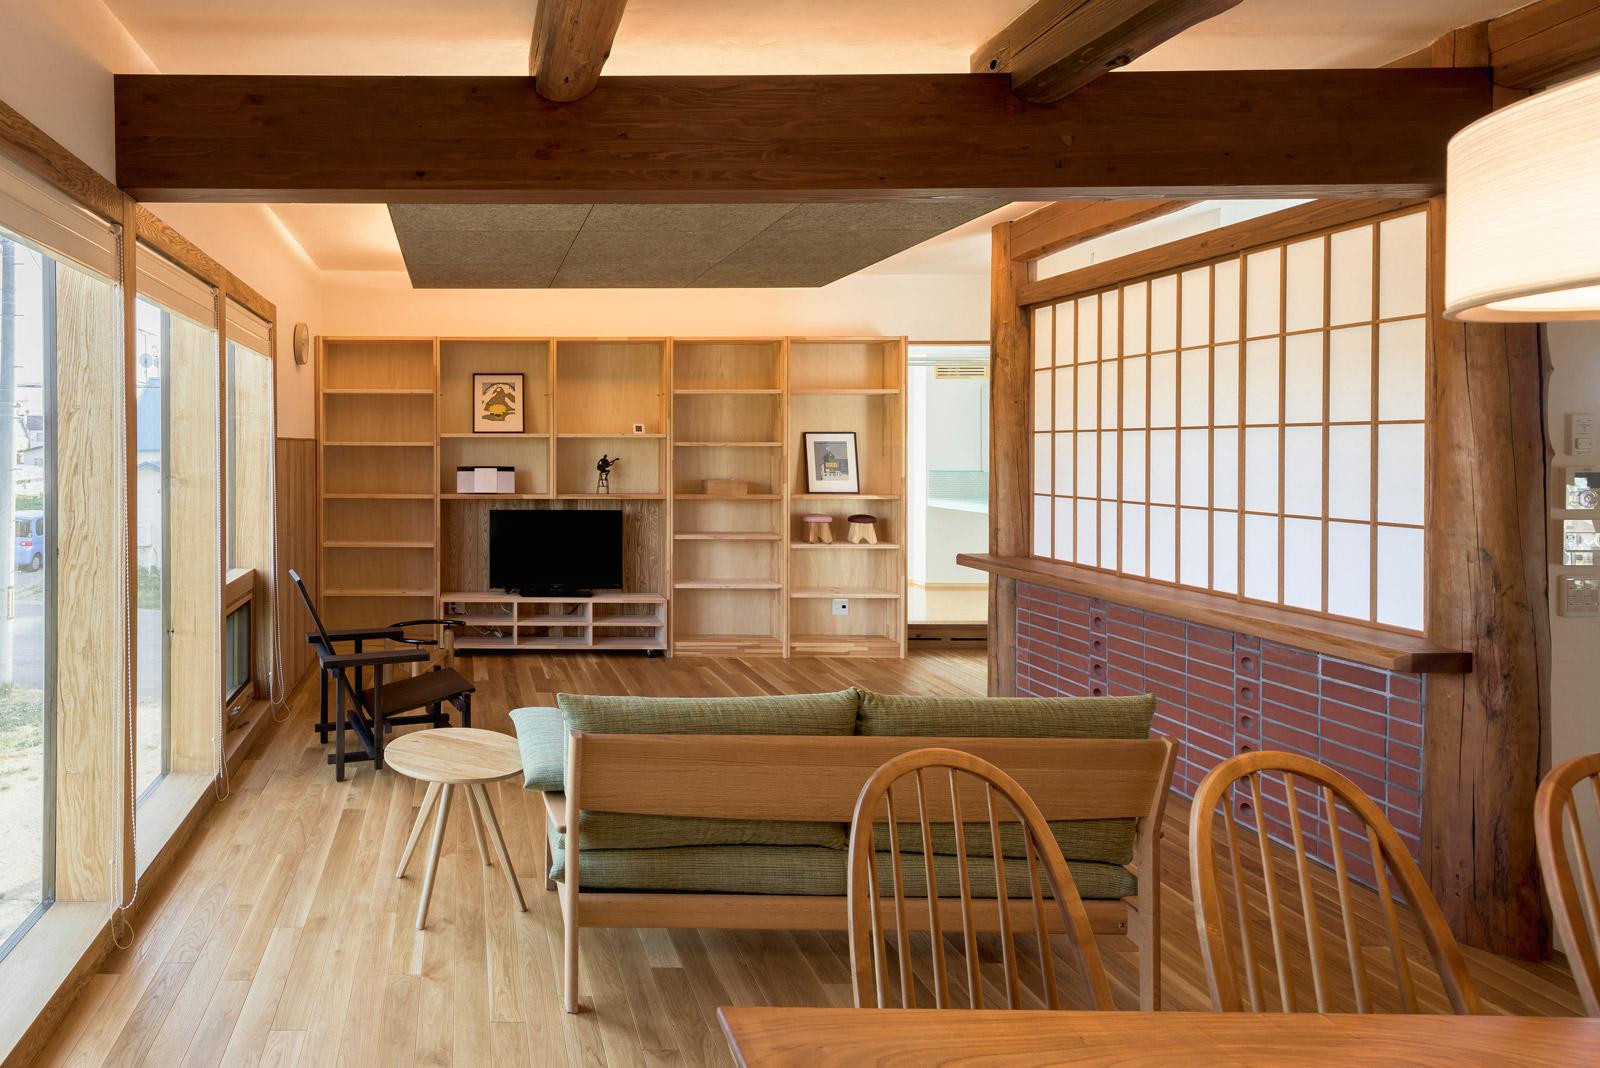 建築会社の特徴を強く打ち出したコンセプトモデルハウスの例。宿泊体験ができることも